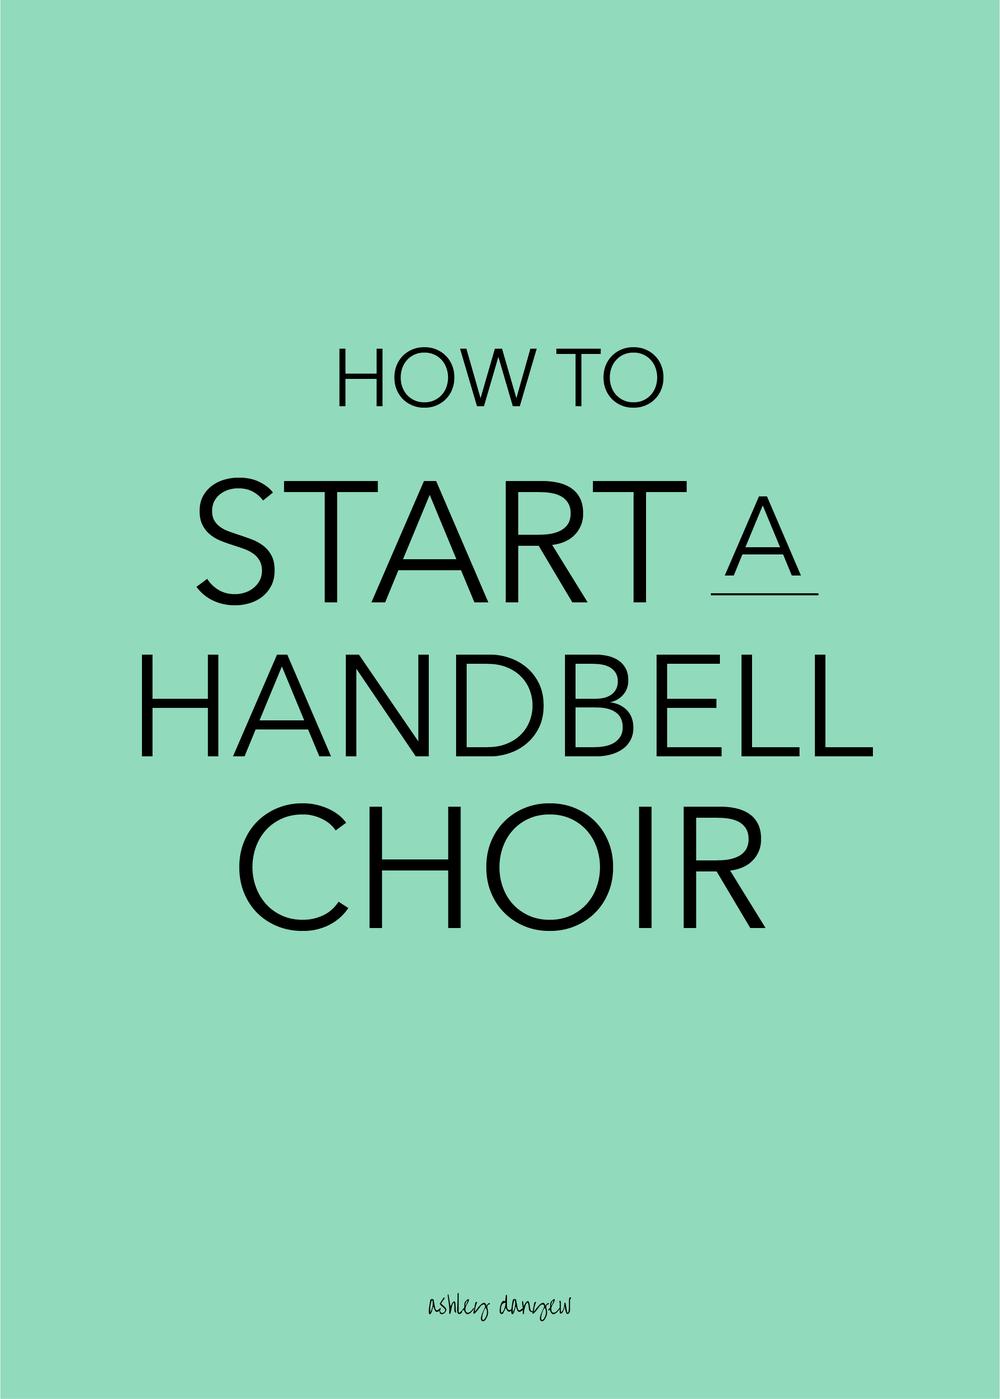 Copy of How to Start a Handbell Choir